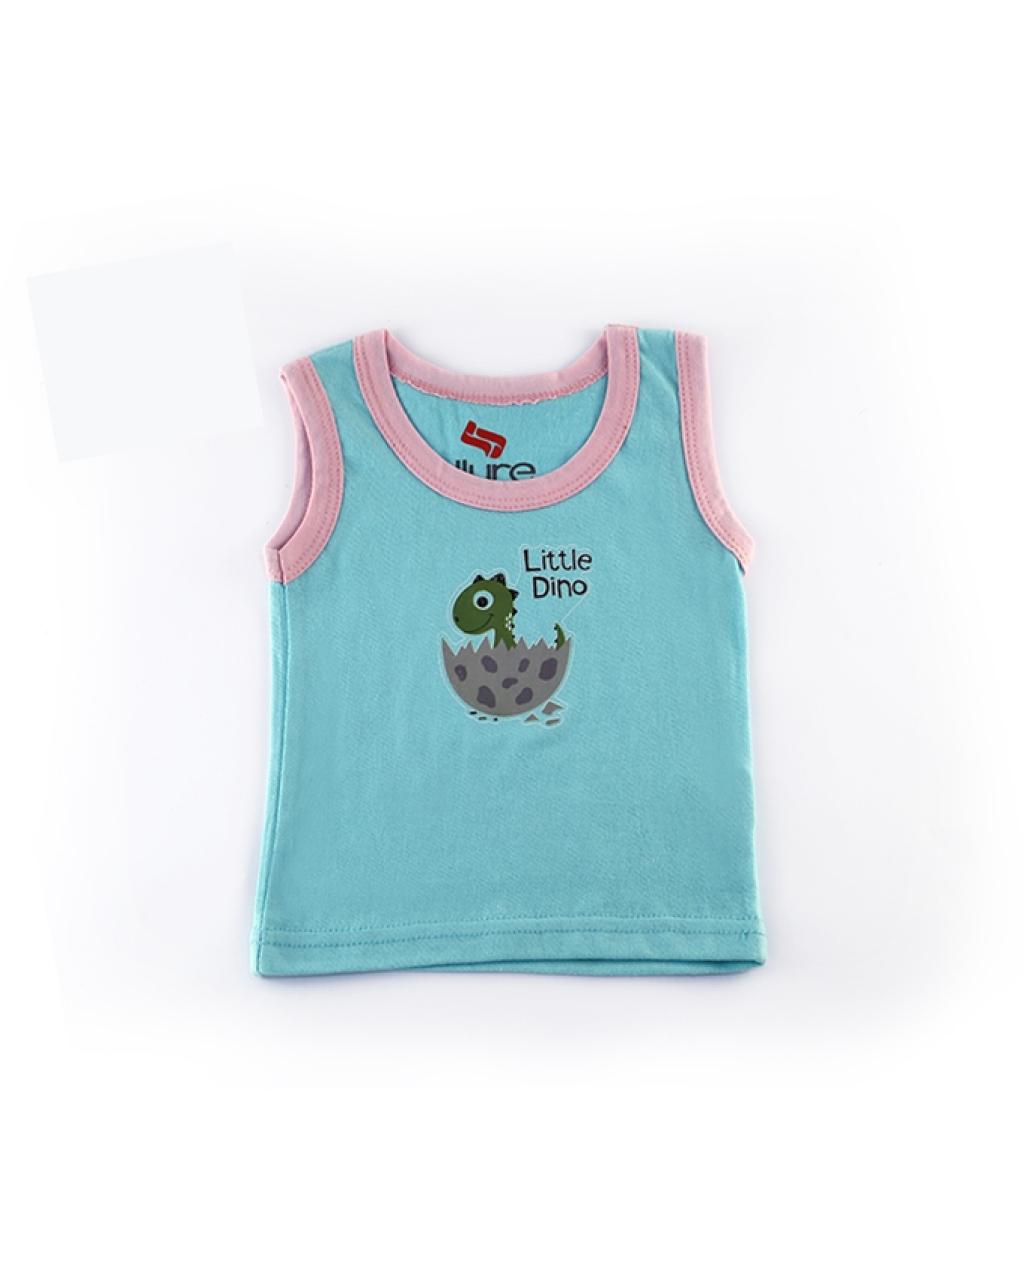 15804769340_Allurepremium_T-Shirt_SL_Turquoise_Dino.jpg